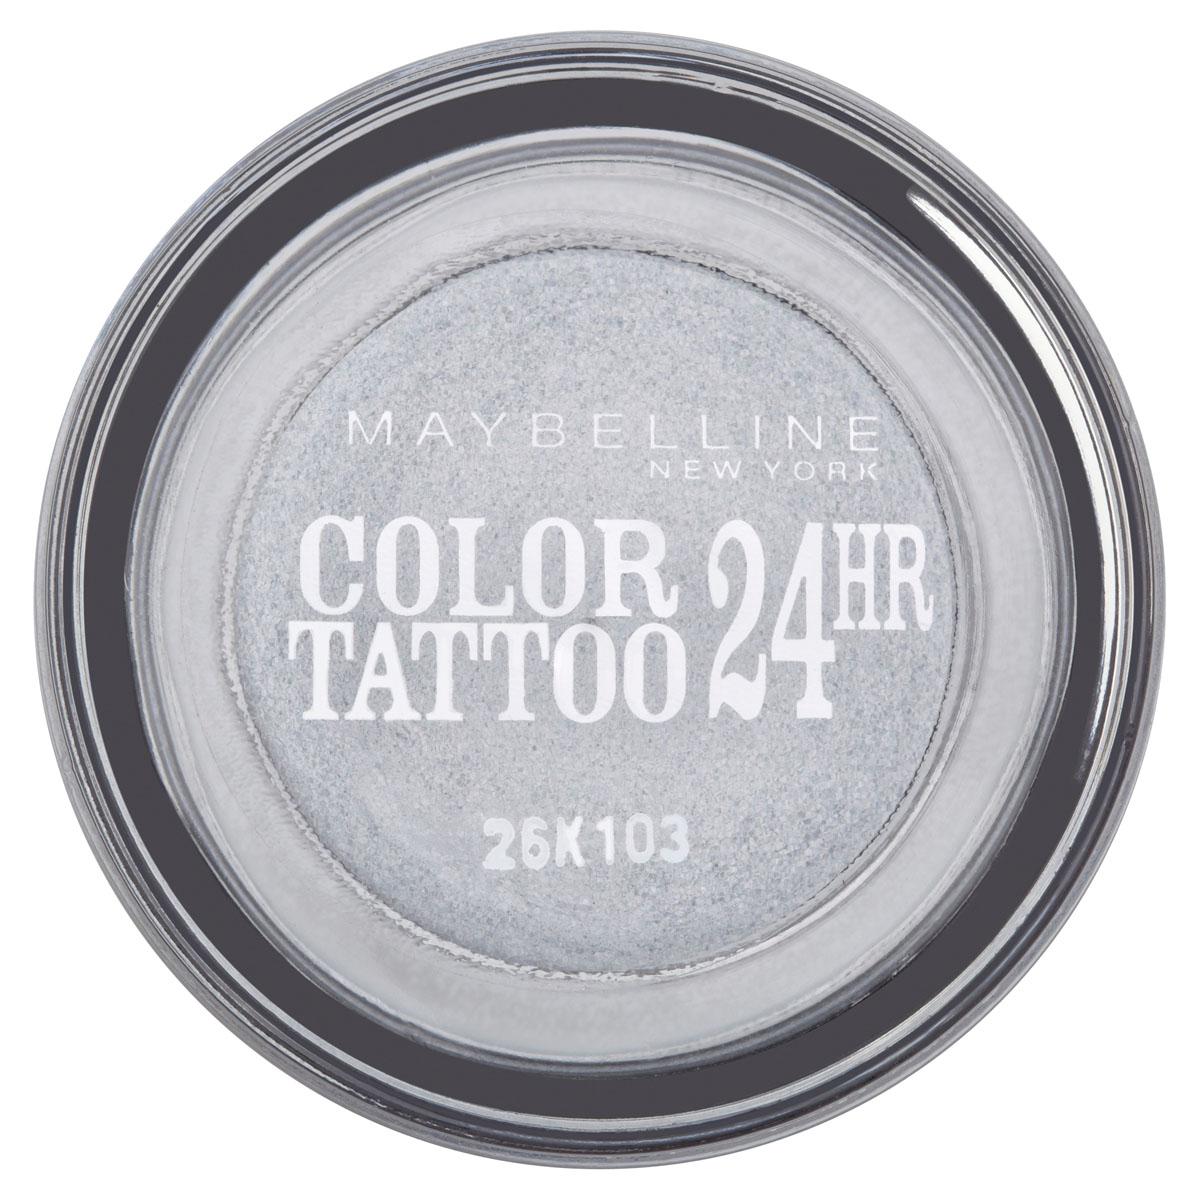 Maybelline New York Тени для век Color Tattoo 24 часа, оттенок 50, Неизменное серебро, 4 мл5010777139655Технология тату-пигментов создает яркий, супернасыщенный цвет. Крем-гелевая текстура обеспечивает ультралегкое нанесение и стойкость на 24 часа.12 оттенков